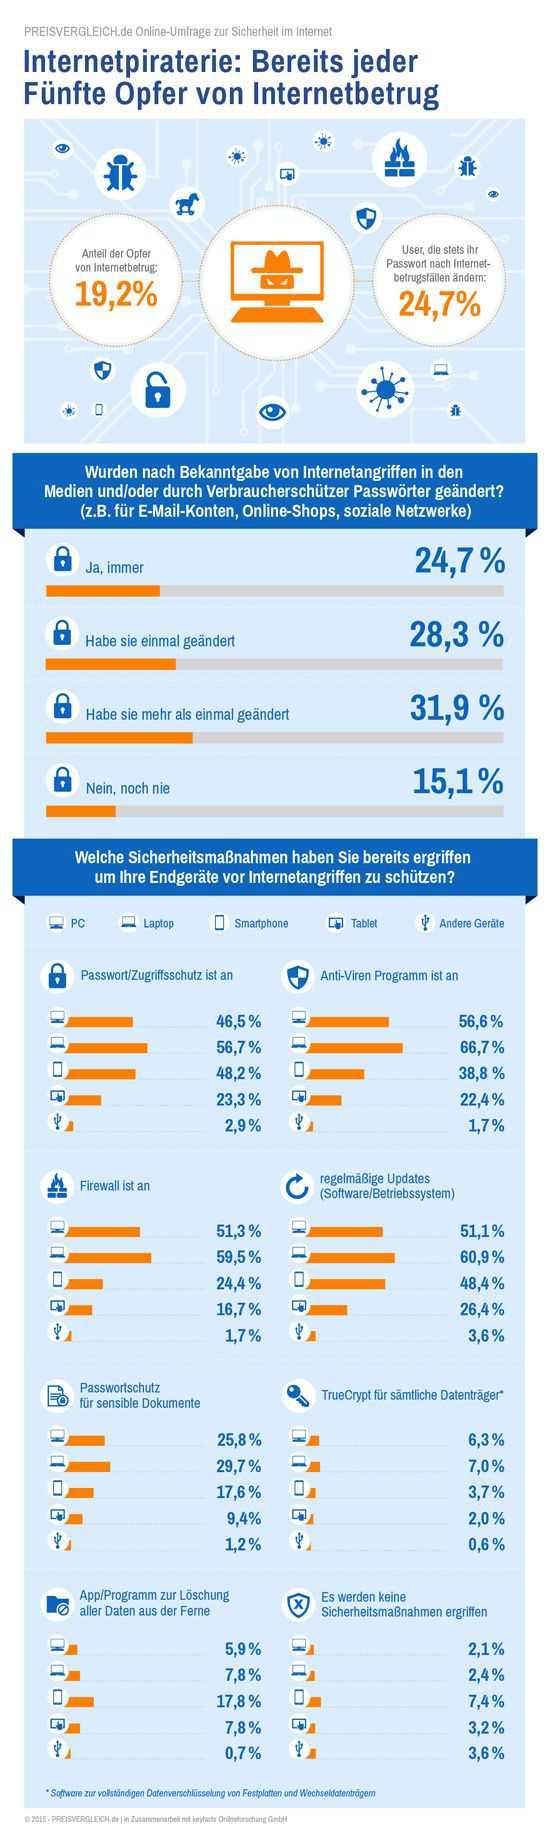 Infografik zur Online-Umfrage Sicherheit im Internet von PREISVERGLEICH.de (2015)